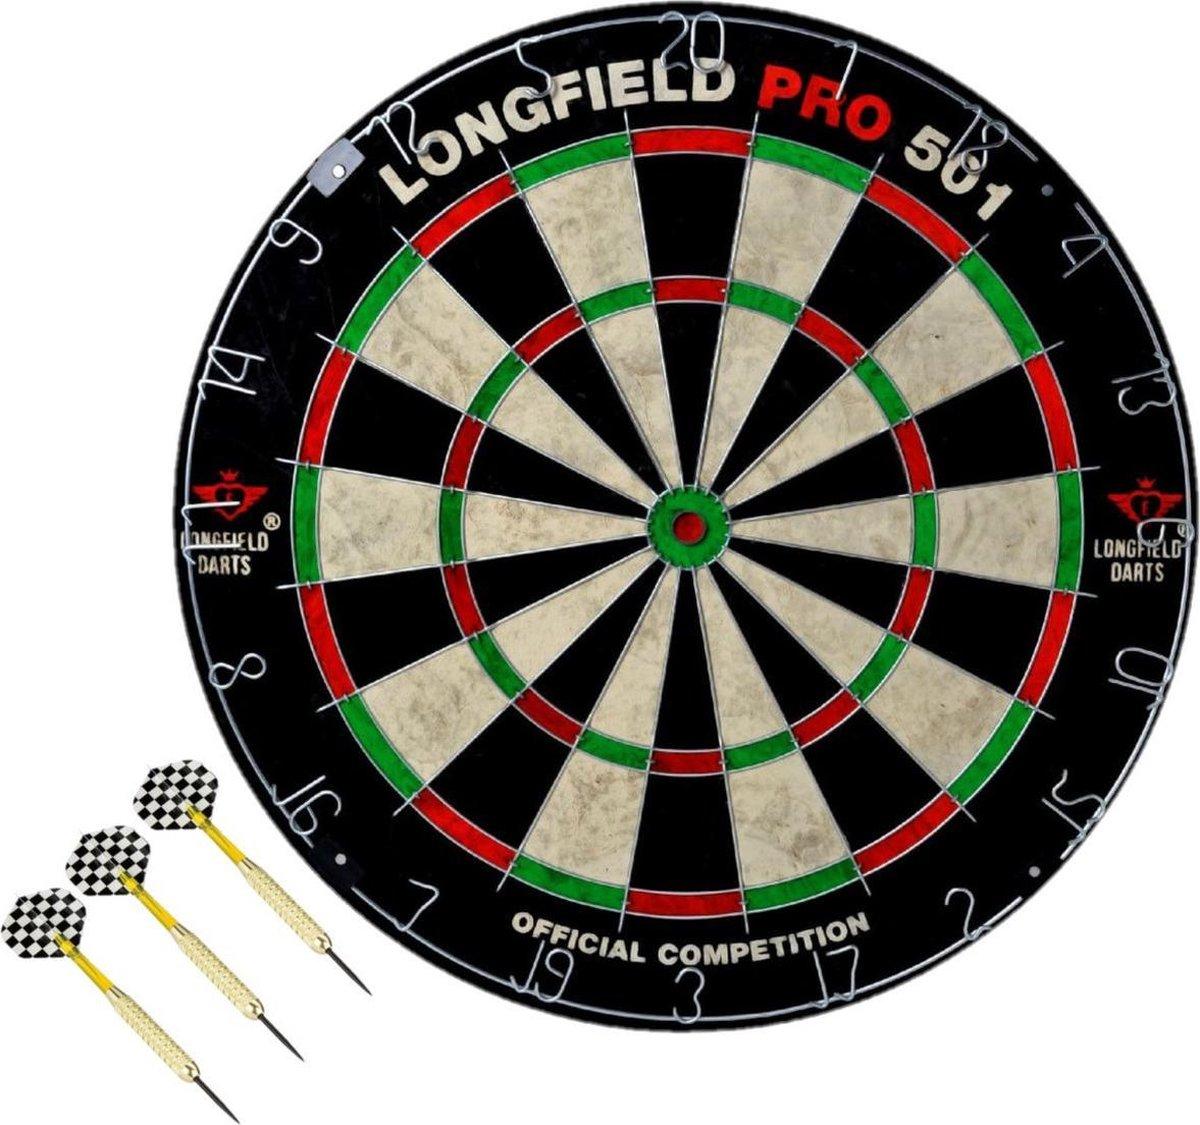 Dartbord set compleet van diameter 45.5 cm met 3x dartpijlen van 21 gram - Longfield professional - Darten